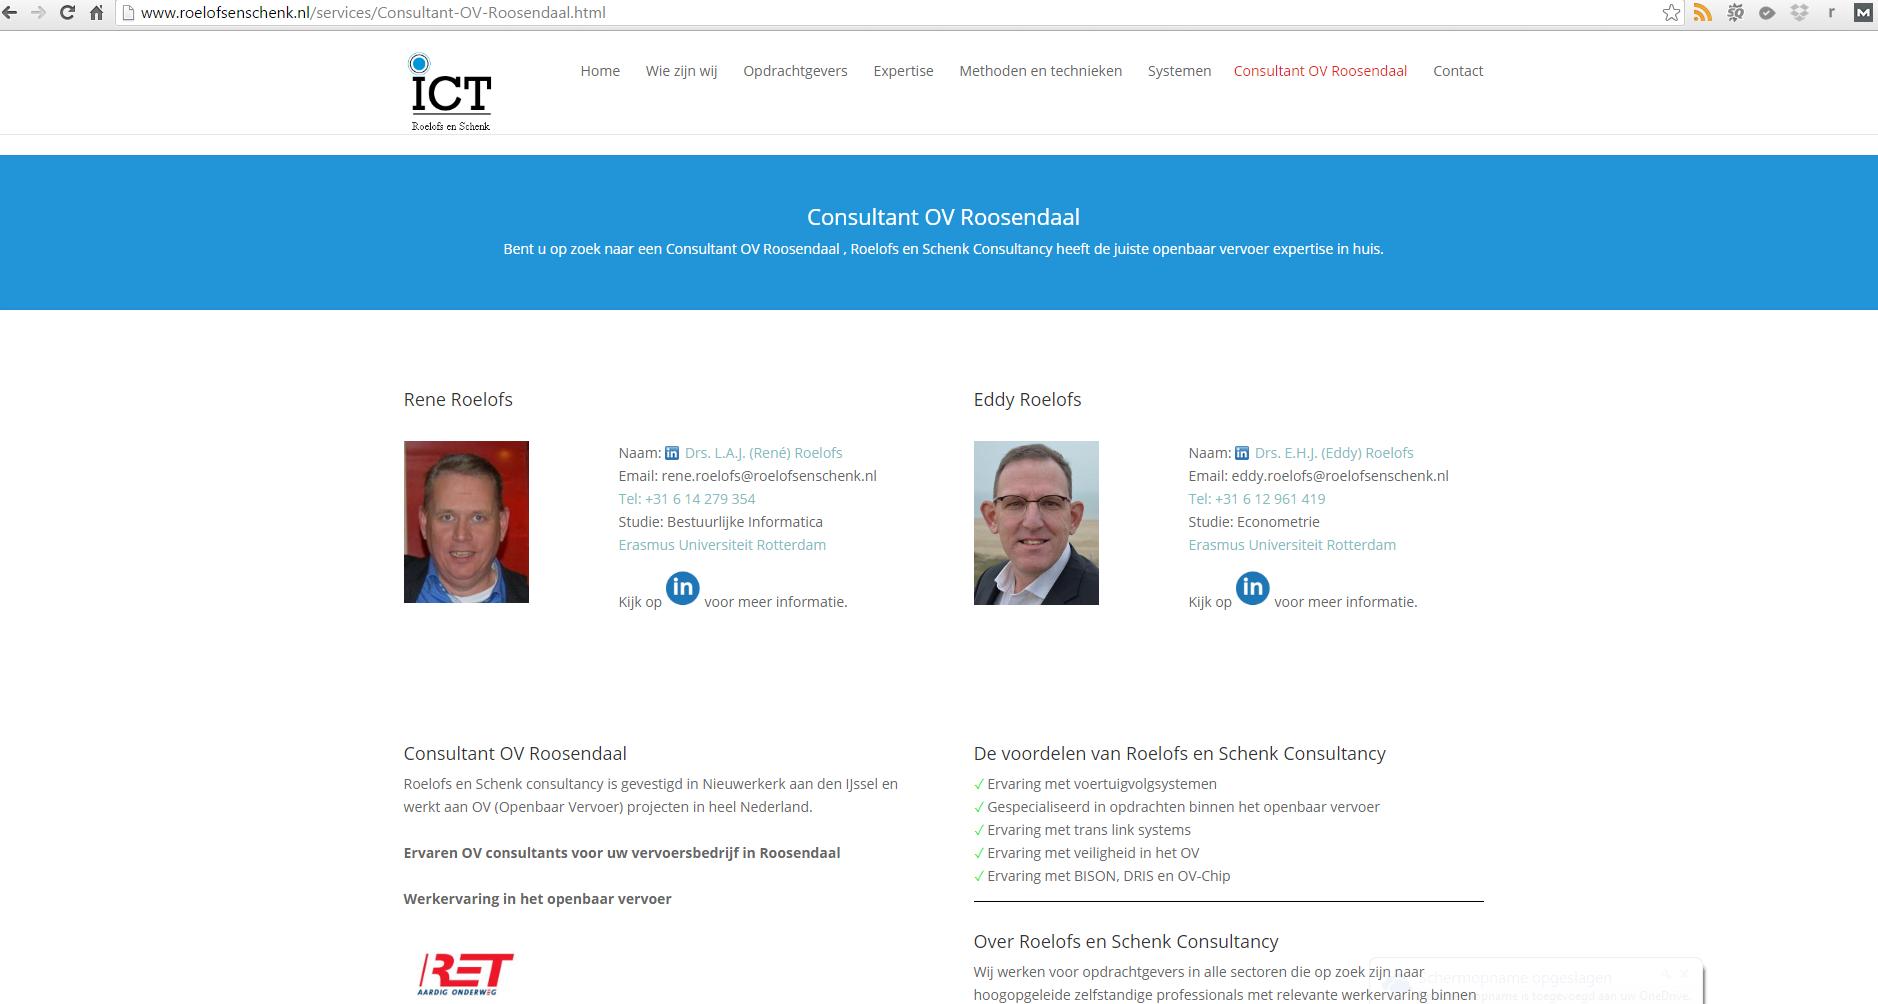 SEO Landingspagina voor Roelofs en Schenk Consultancy